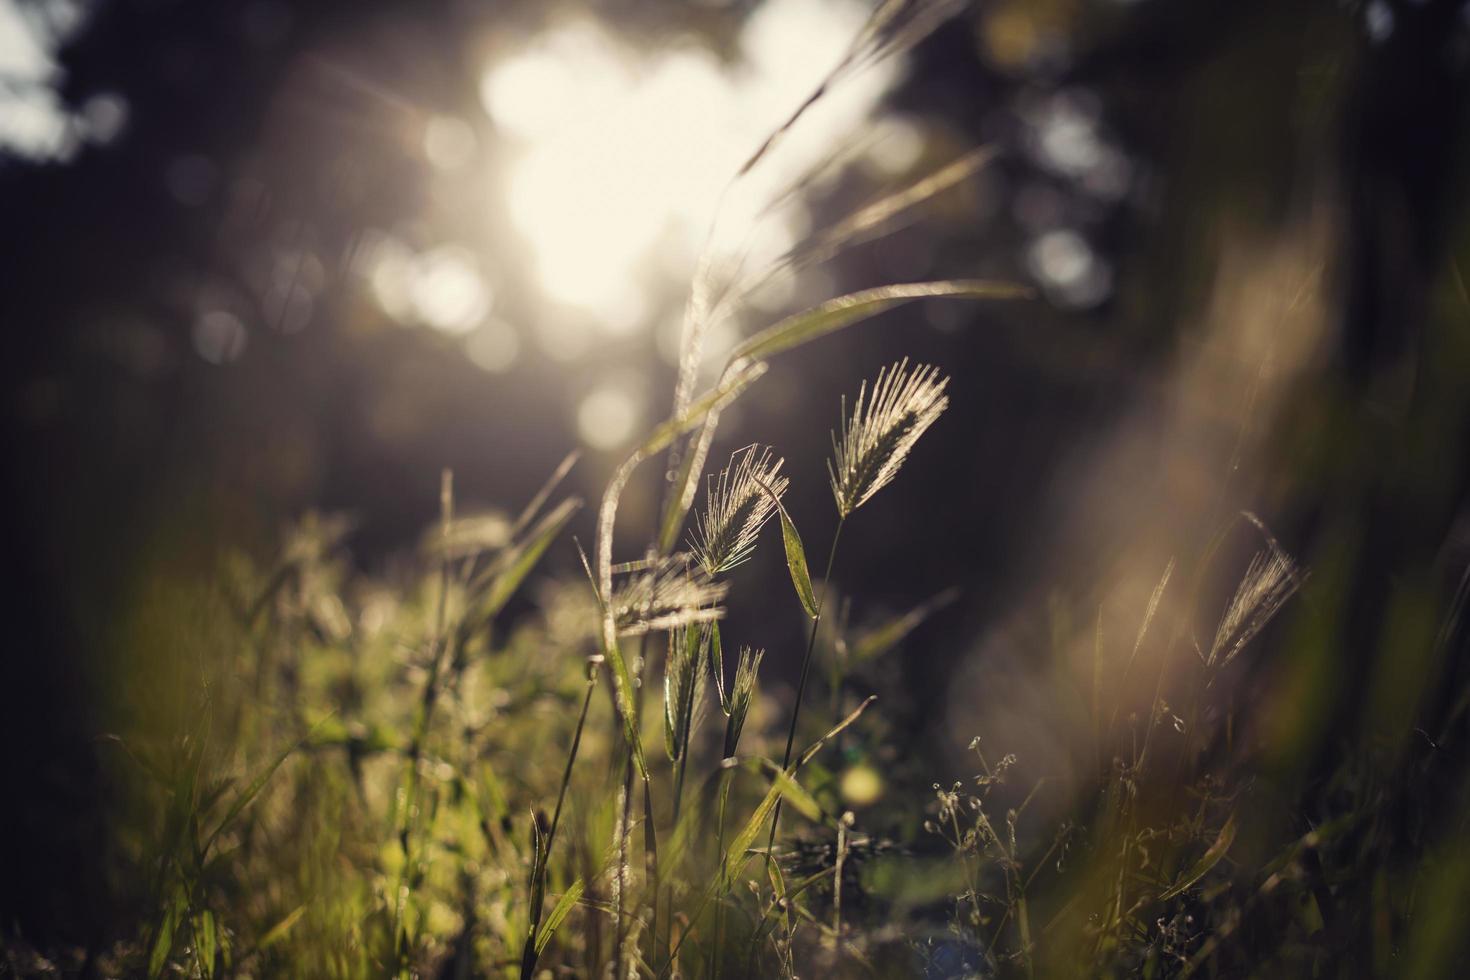 hierba salvaje en la luz del sol foto